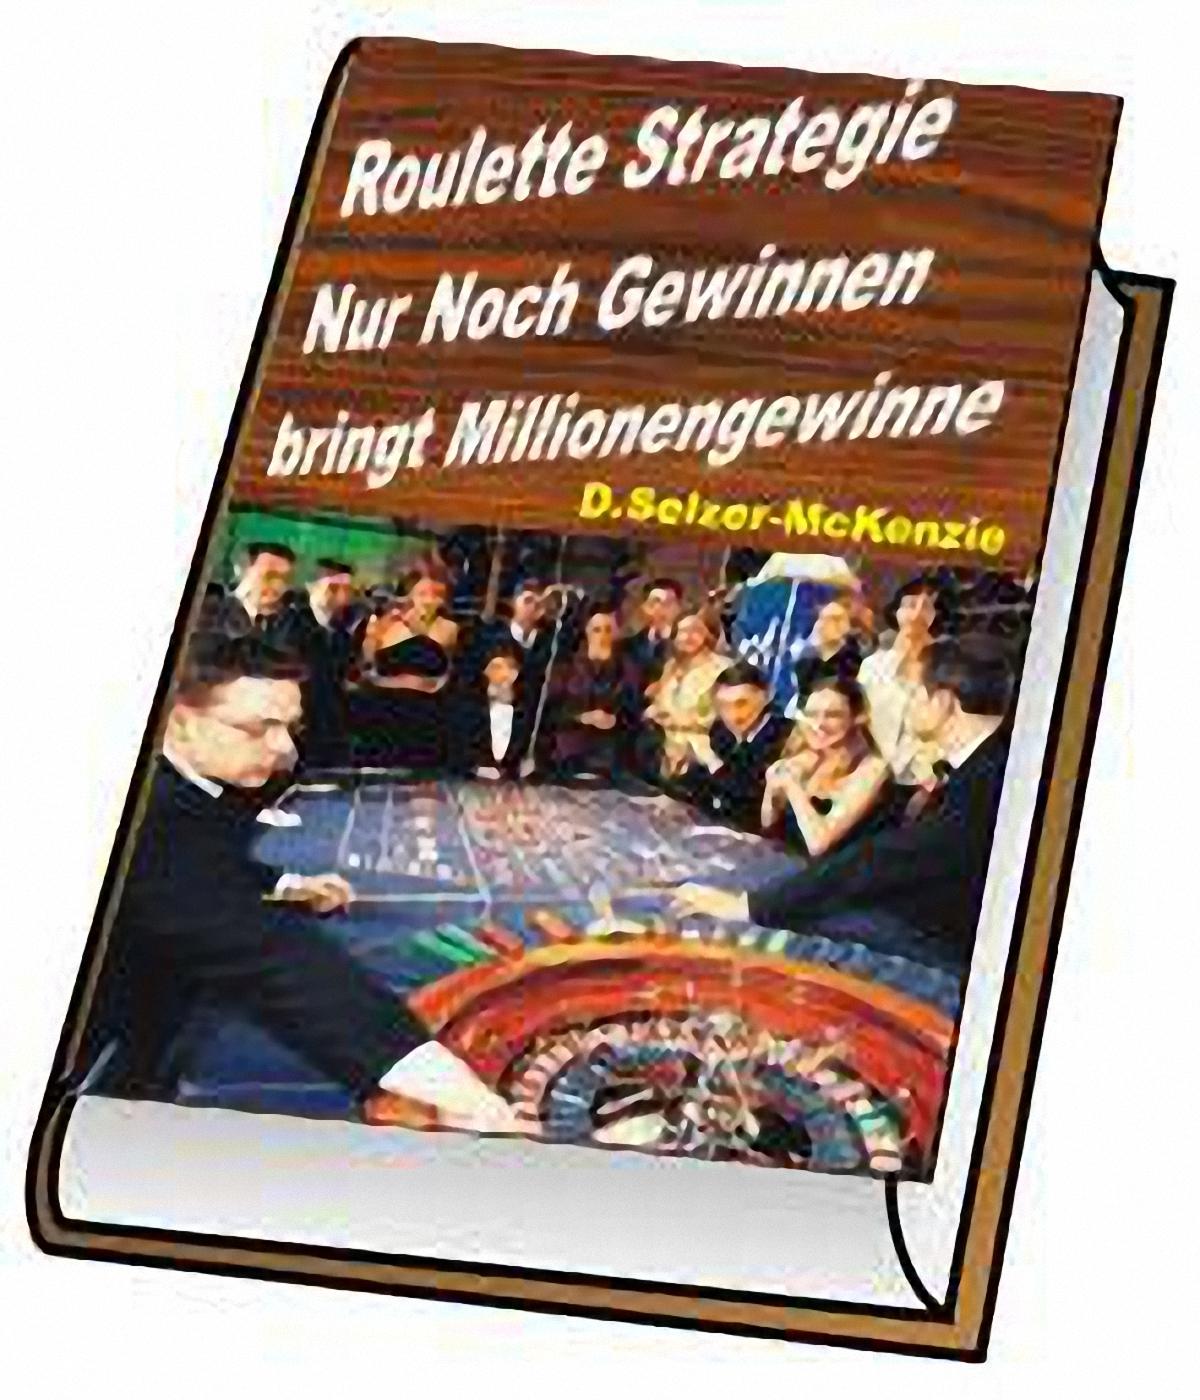 strategie roulette gewinnen